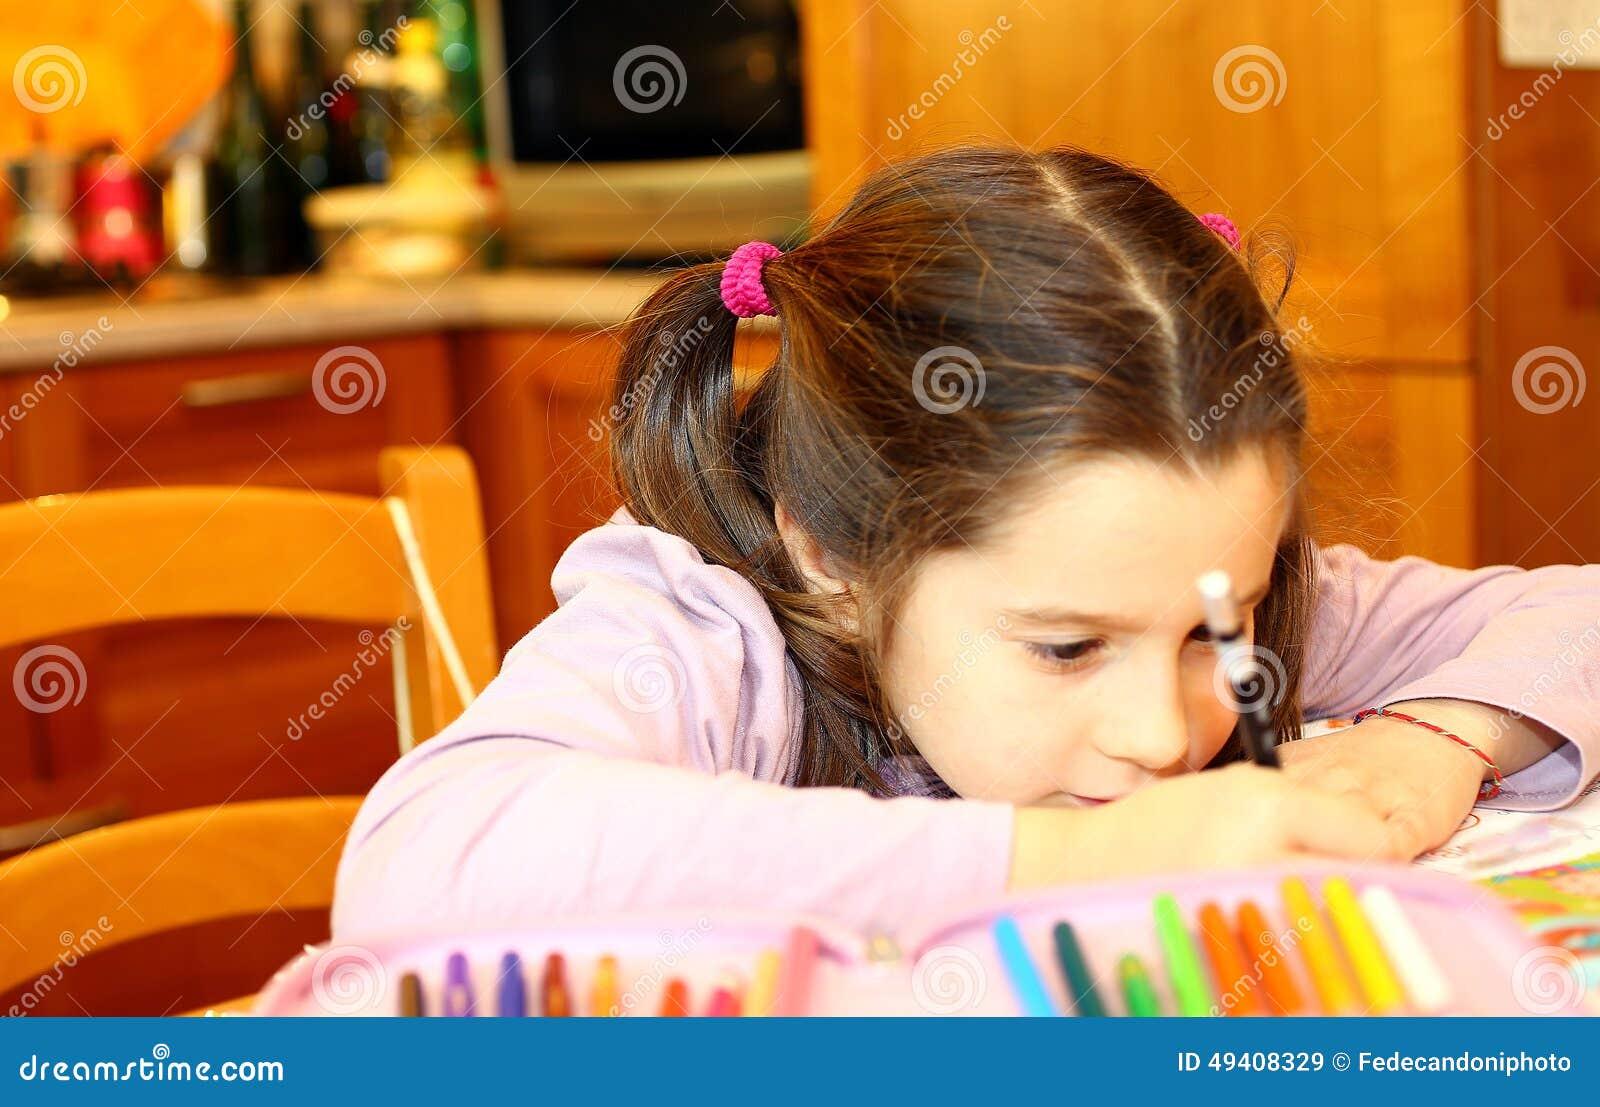 Download Nettes Kleines Mädchen Schreibt Stockbild - Bild von wenig, schoolwork: 49408329